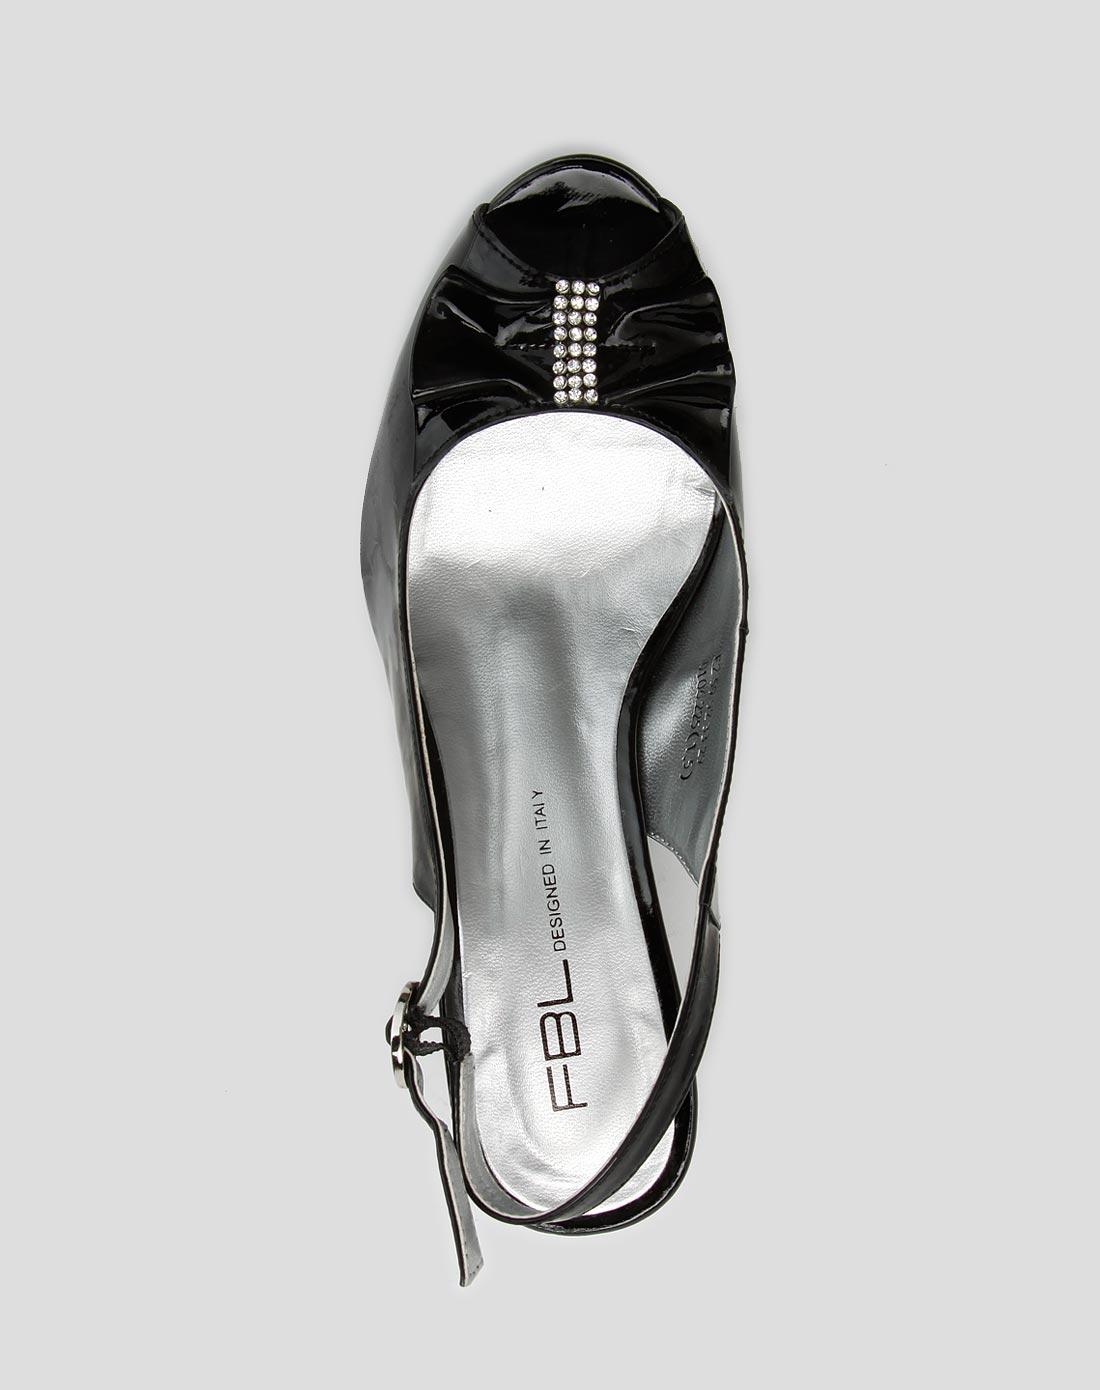 黑色淑女高跟凉鞋_菲伯丽尔官网特价2.9-4